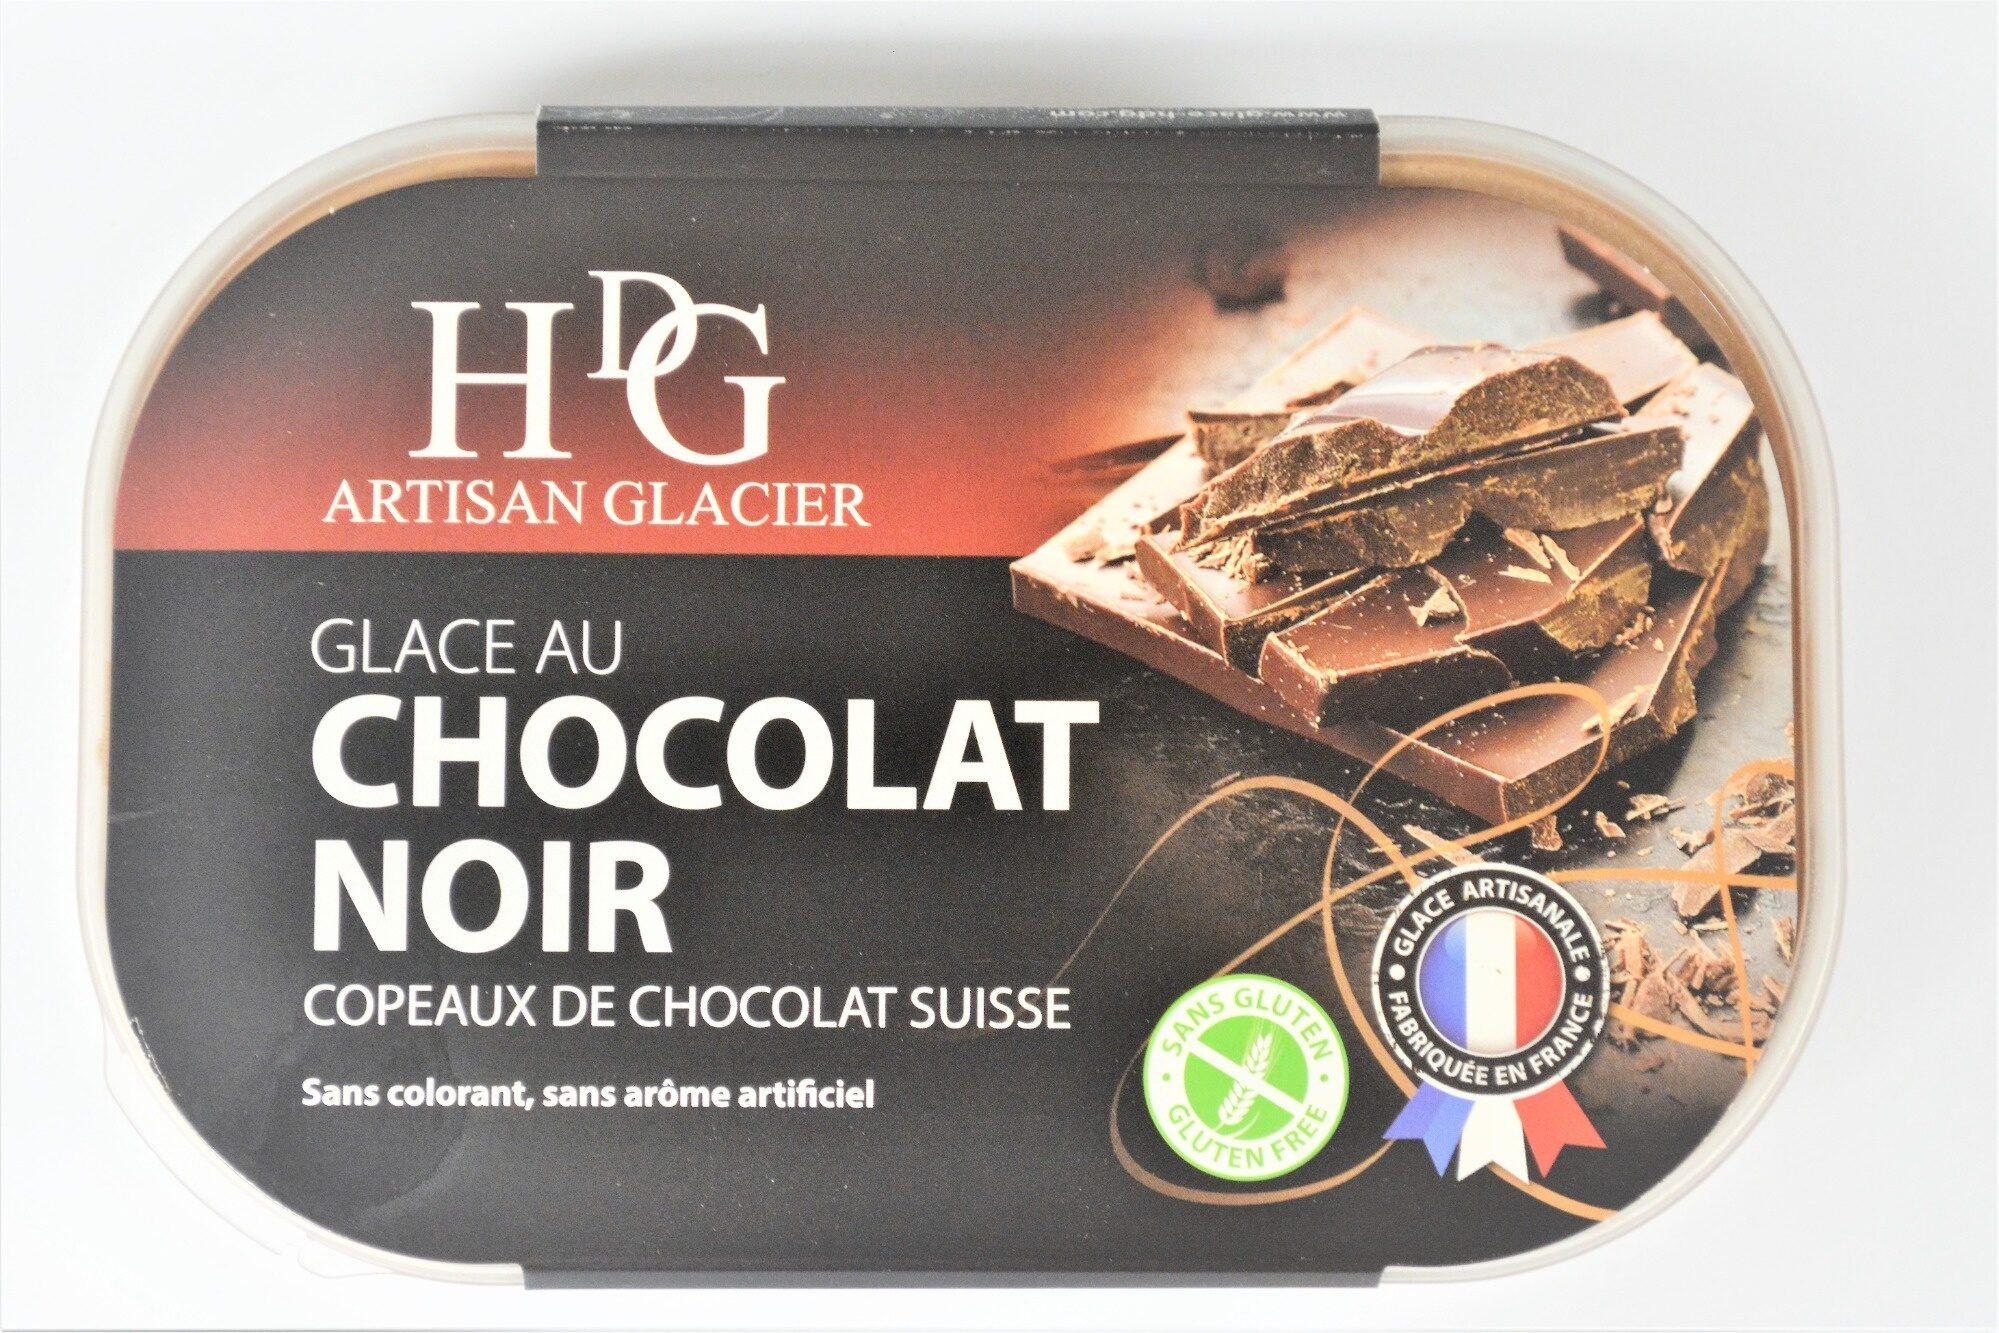 Glace au CHOCOLAT NOIR, copeaux de chocolat Suisse - Product - fr